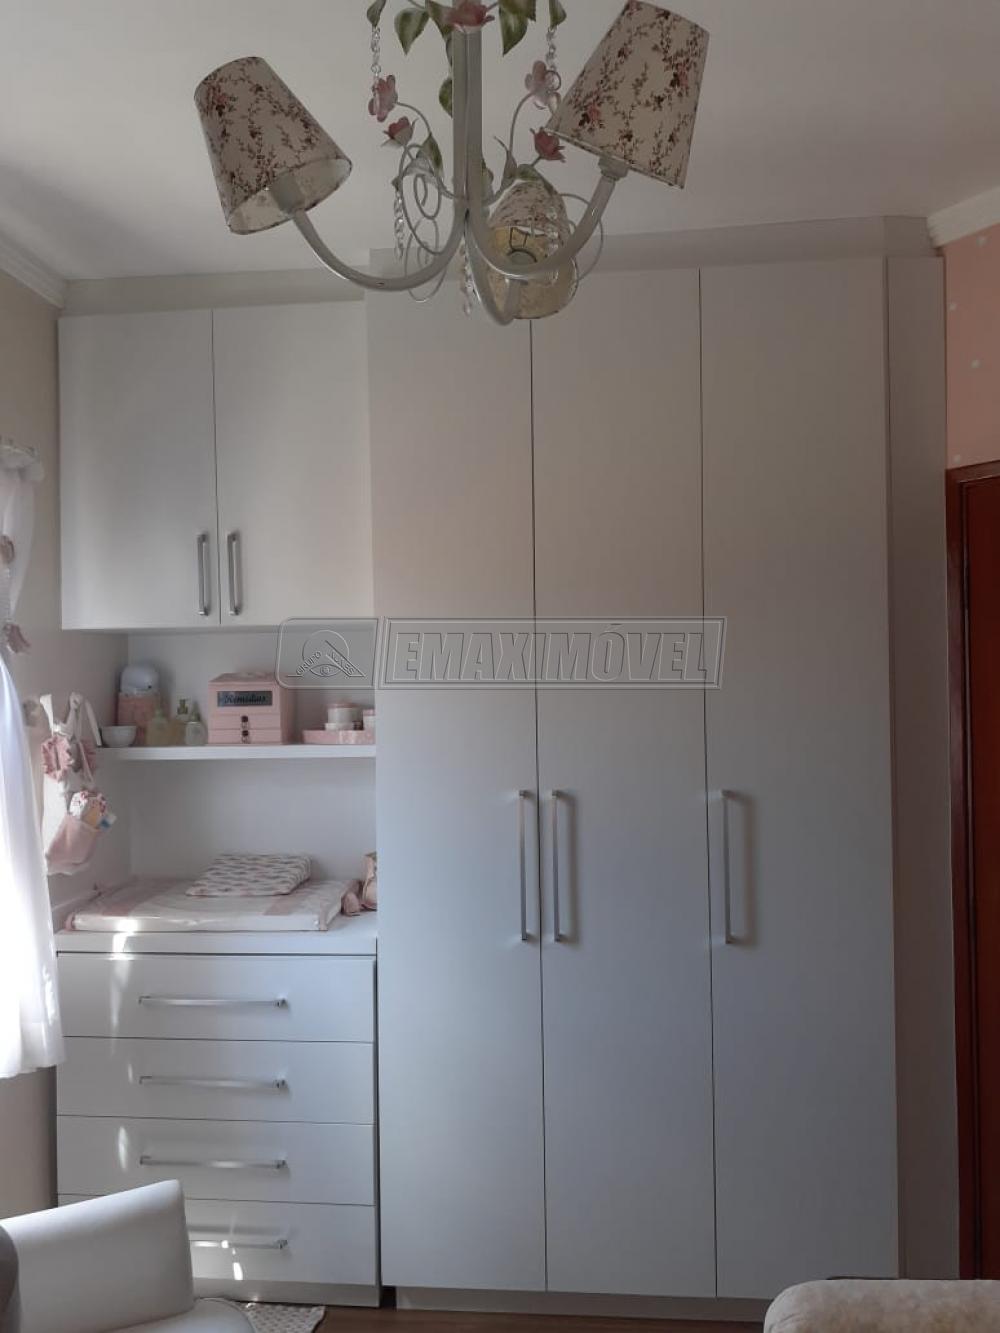 Comprar Apartamentos / Apto Padrão em Sorocaba R$ 285.000,00 - Foto 11